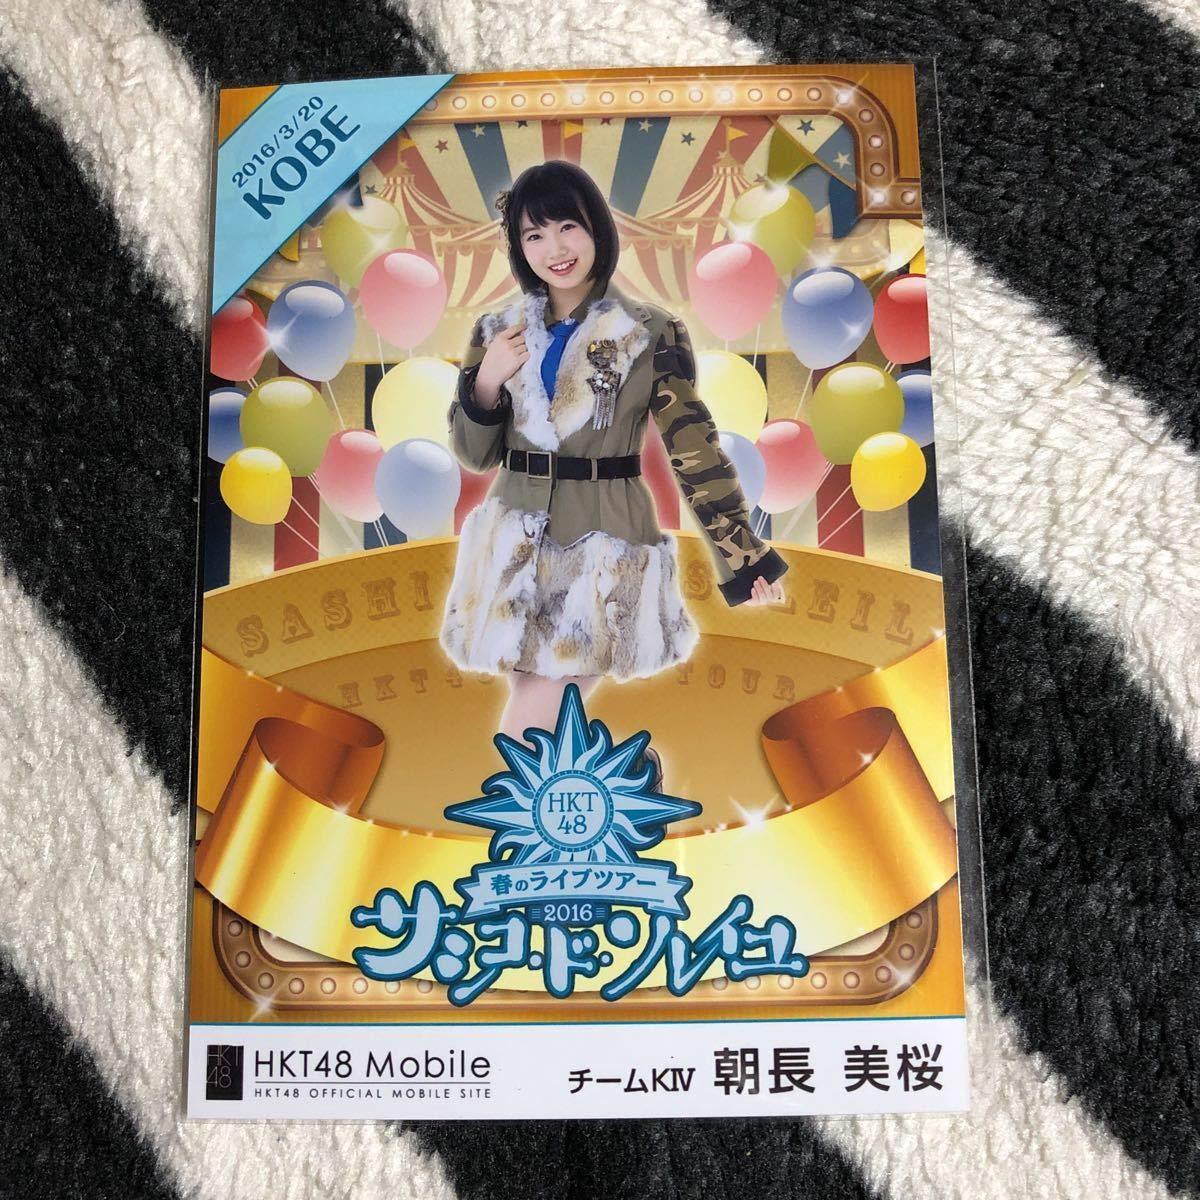 Amazon 朝長美桜 Hkt48 春のライブツアー サシコドソレイユ モバイル